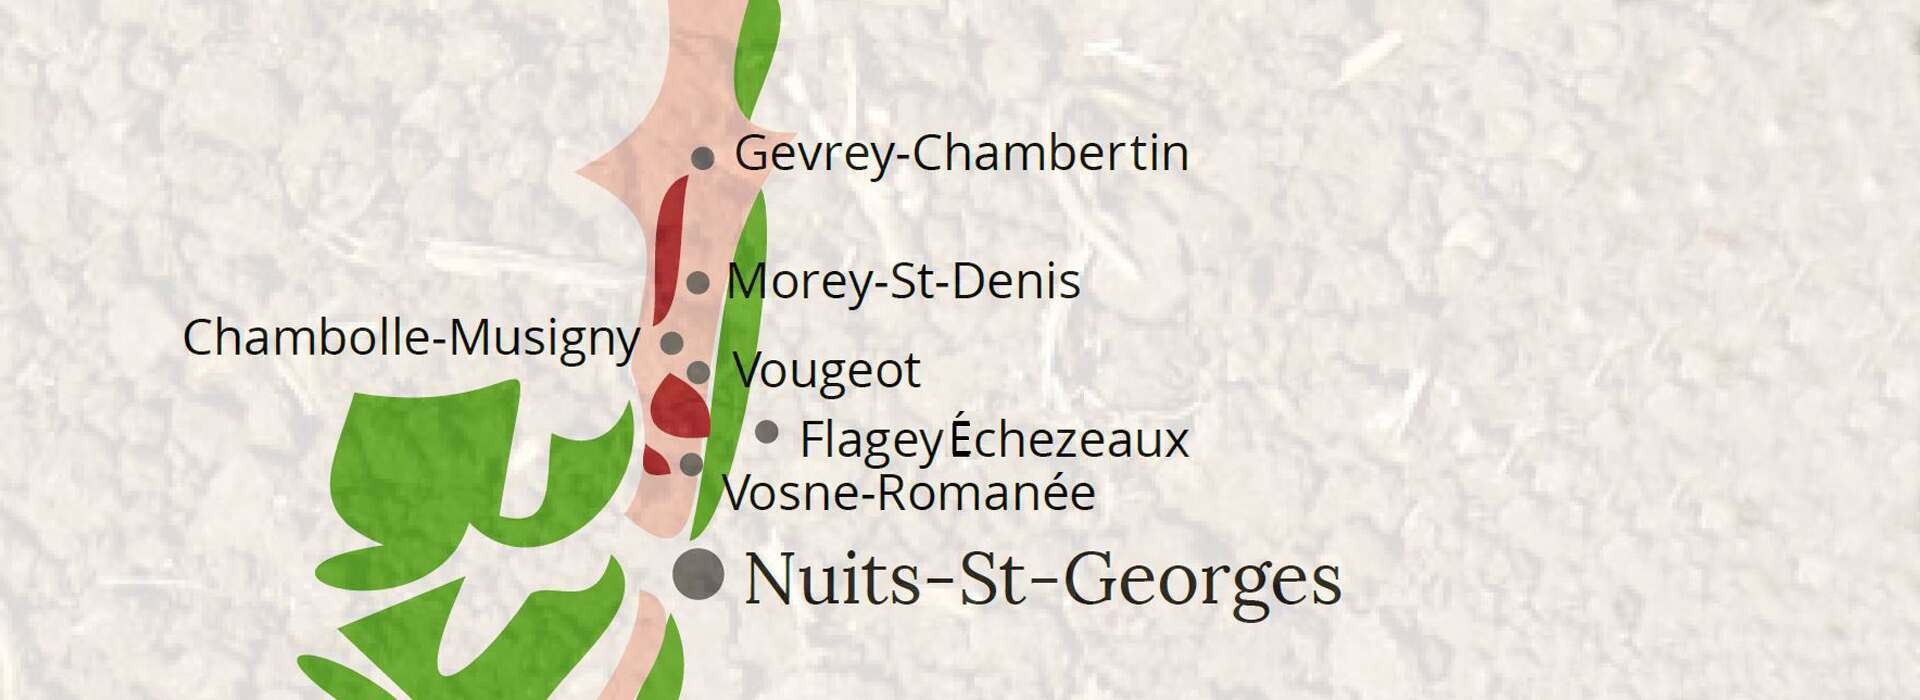 Côte de Nuits wine